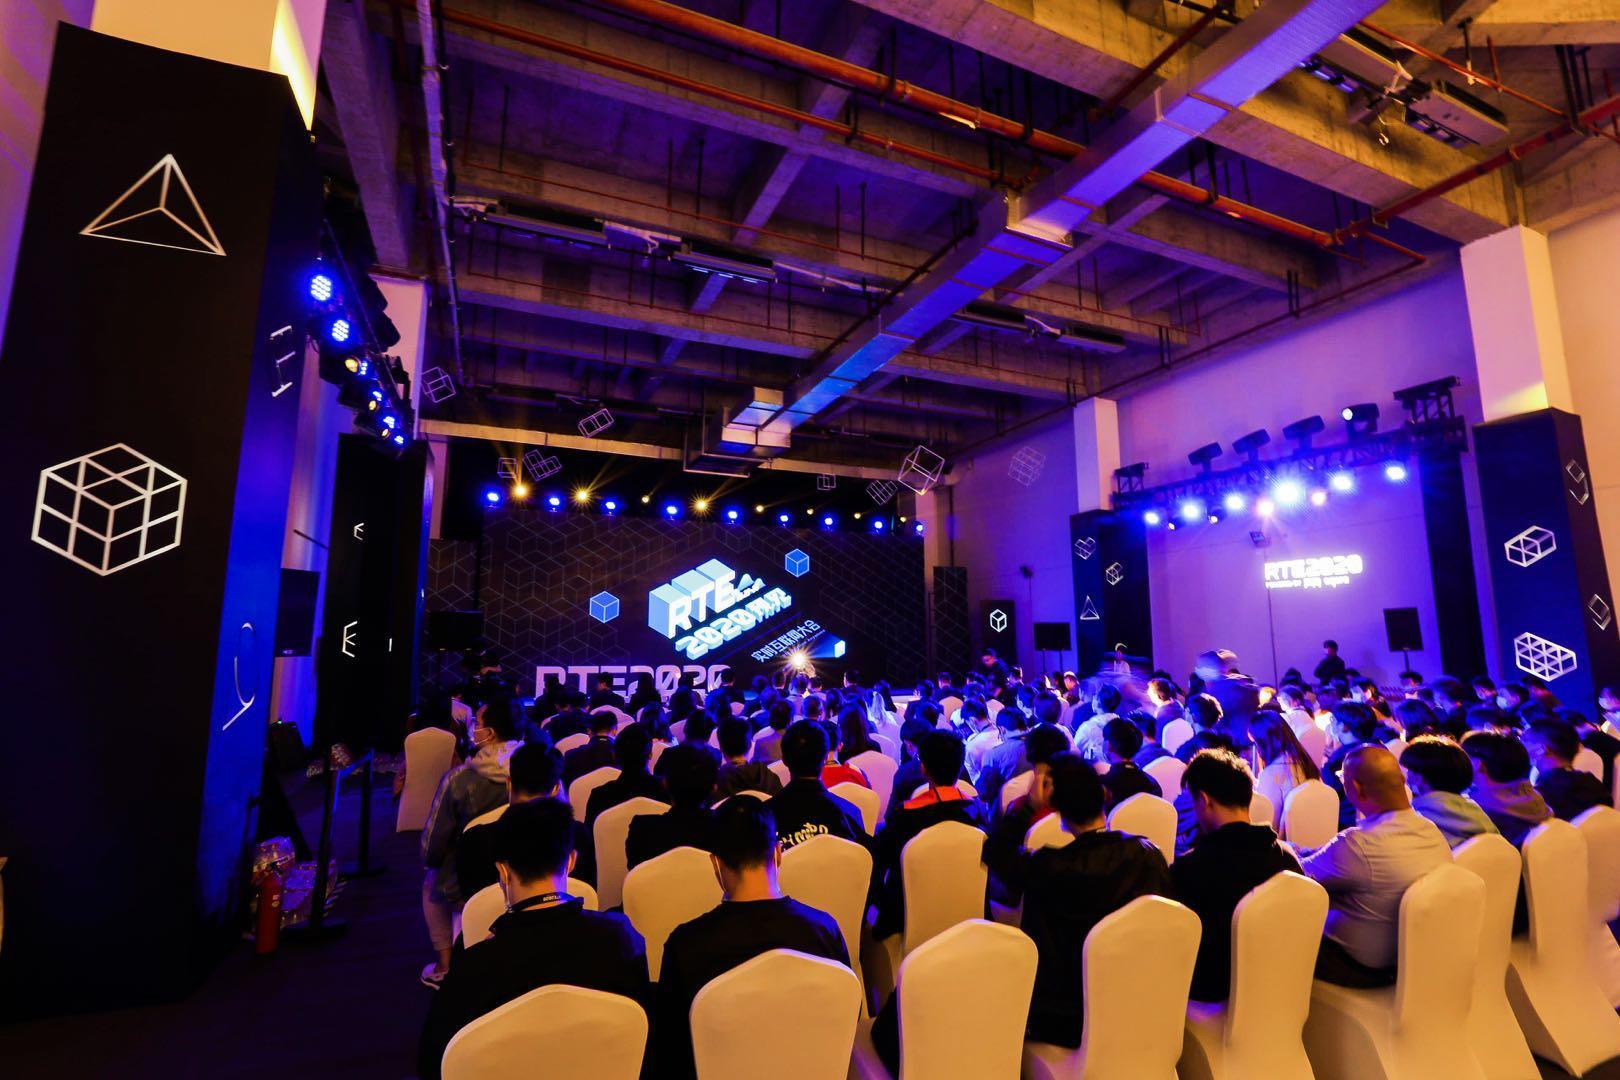 声网发布Agora云市场2.0计划,全球注册应用开发者突破21万